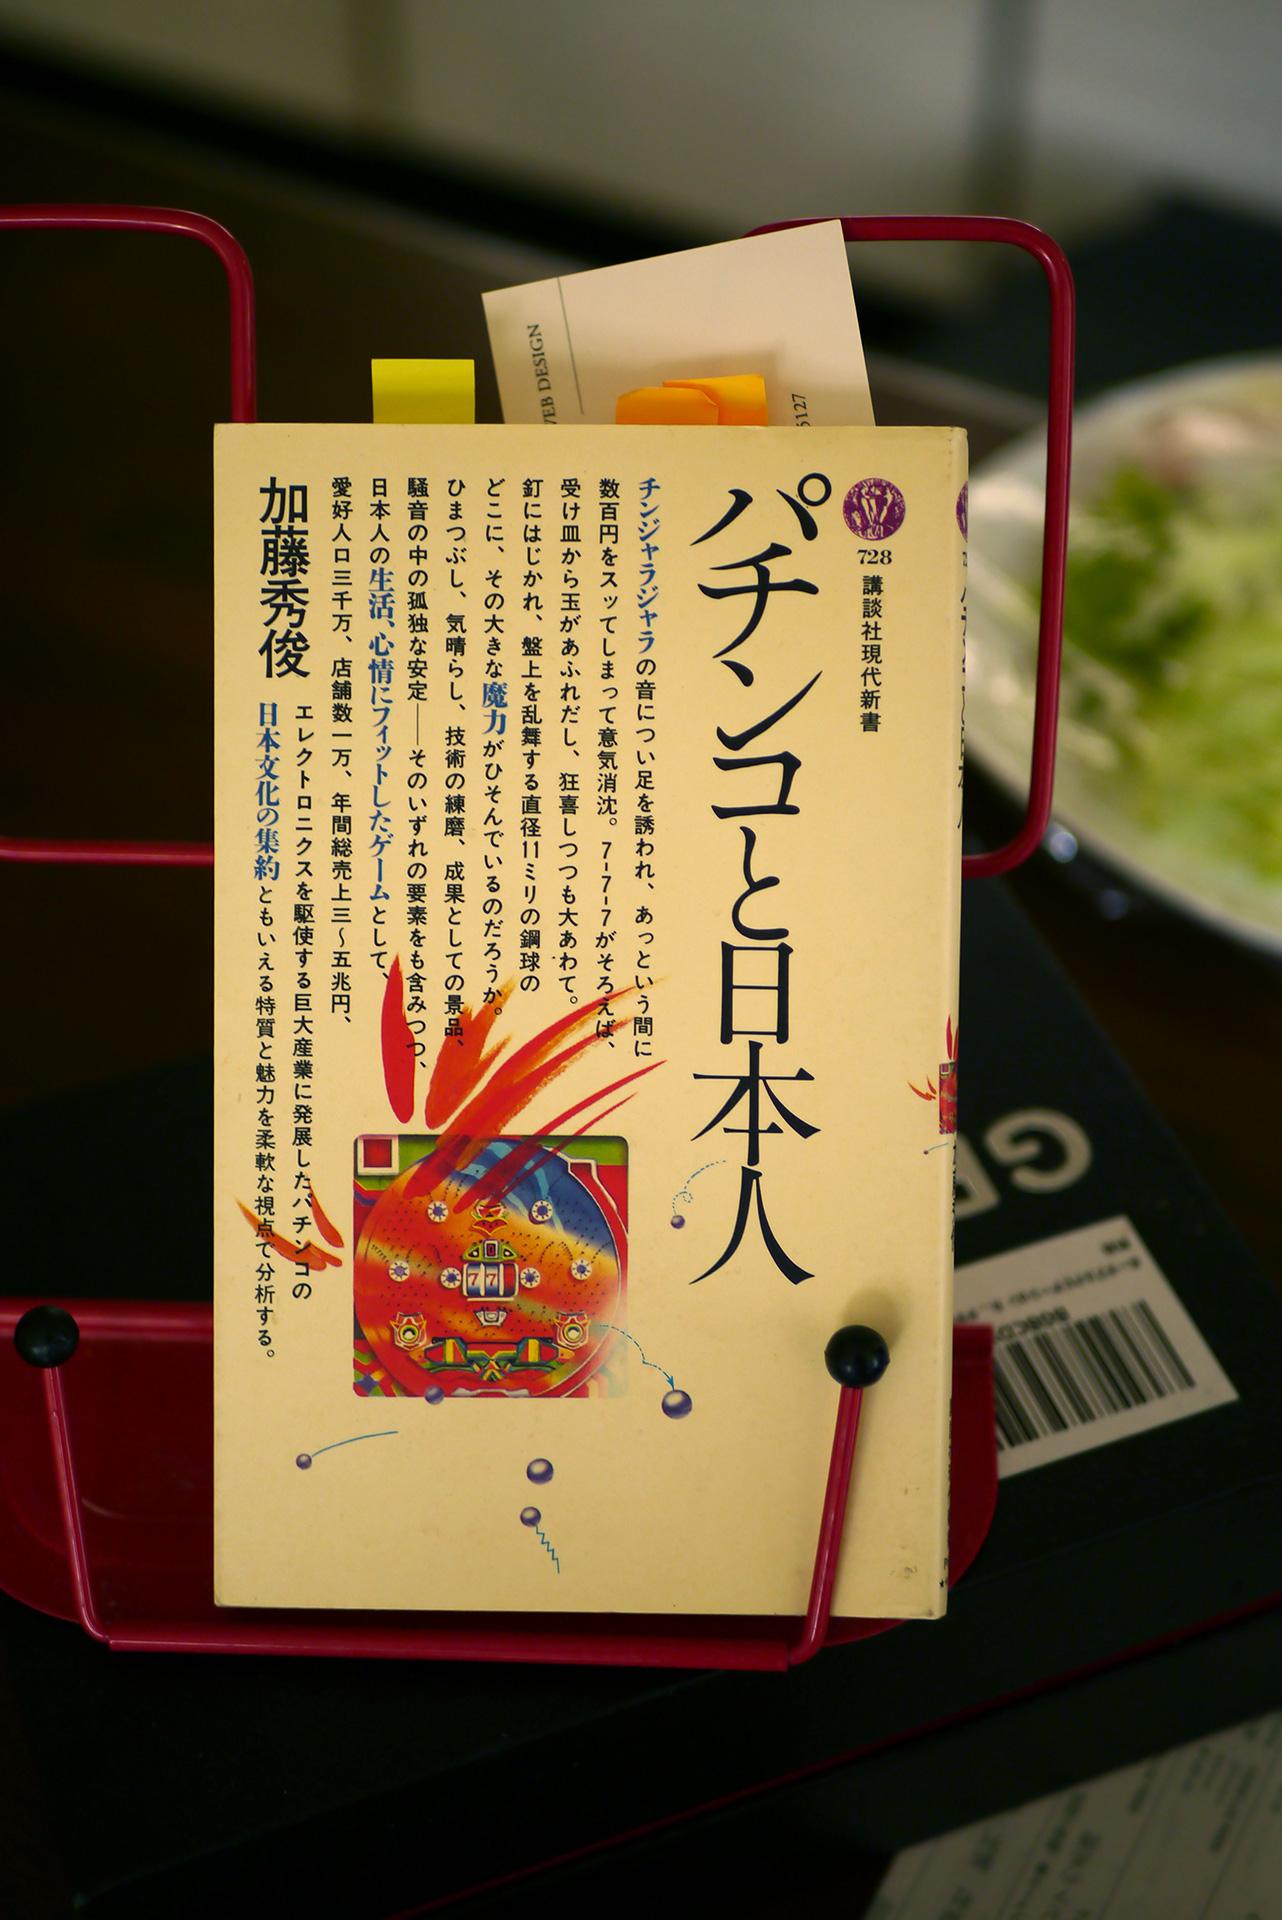 書籍パチンコと日本人(加藤 秀俊/講談社)」の表紙画像